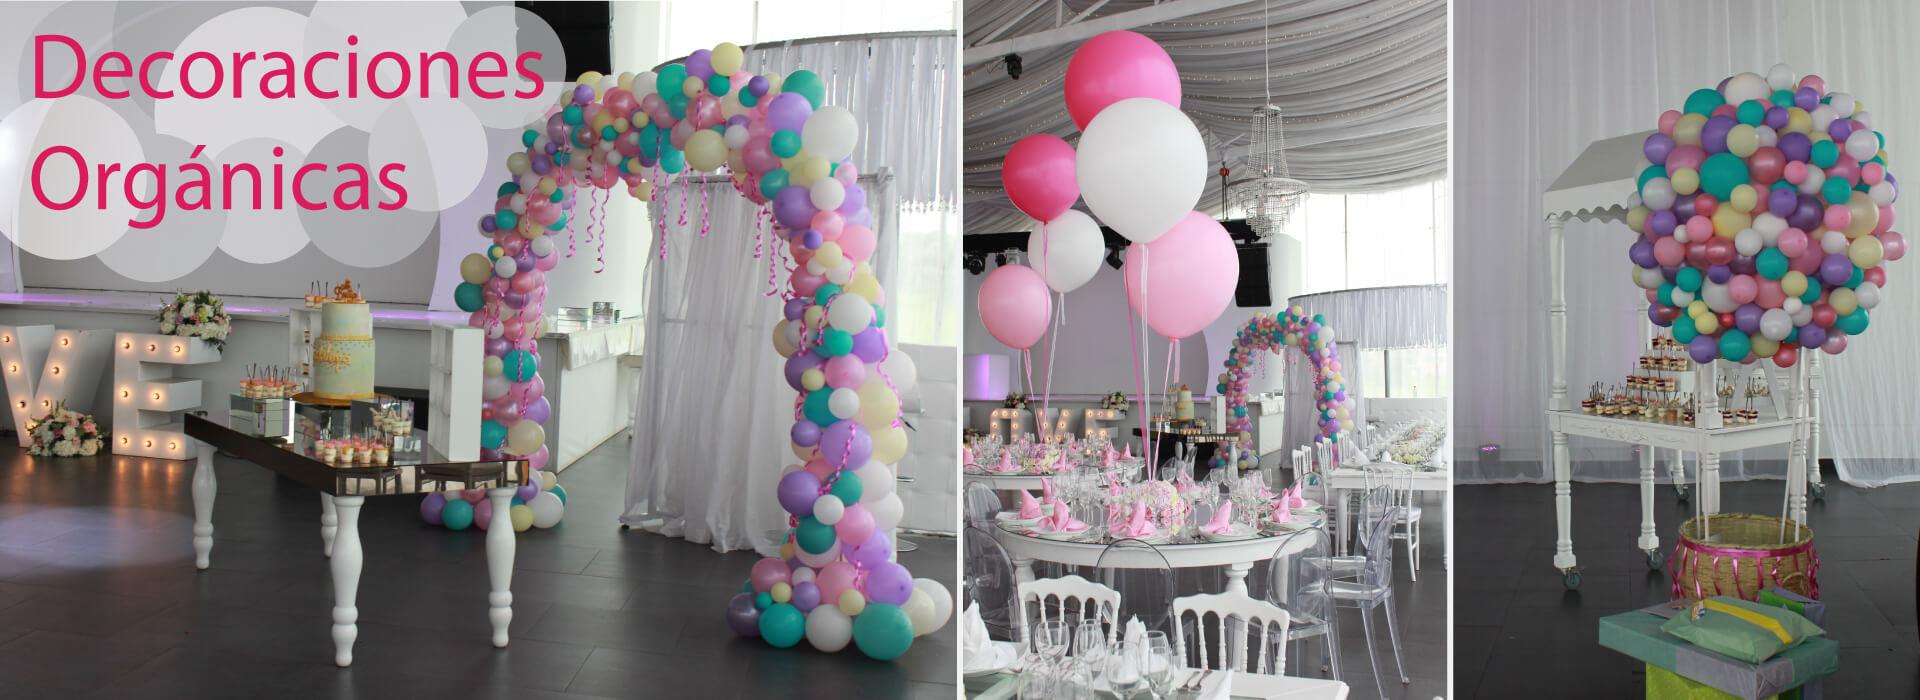 Decoracion Orgánica en globos de látex pasteles y satín, formando arcos y esferas irregulares, acompañados de bouquets gigantes en las mesas.